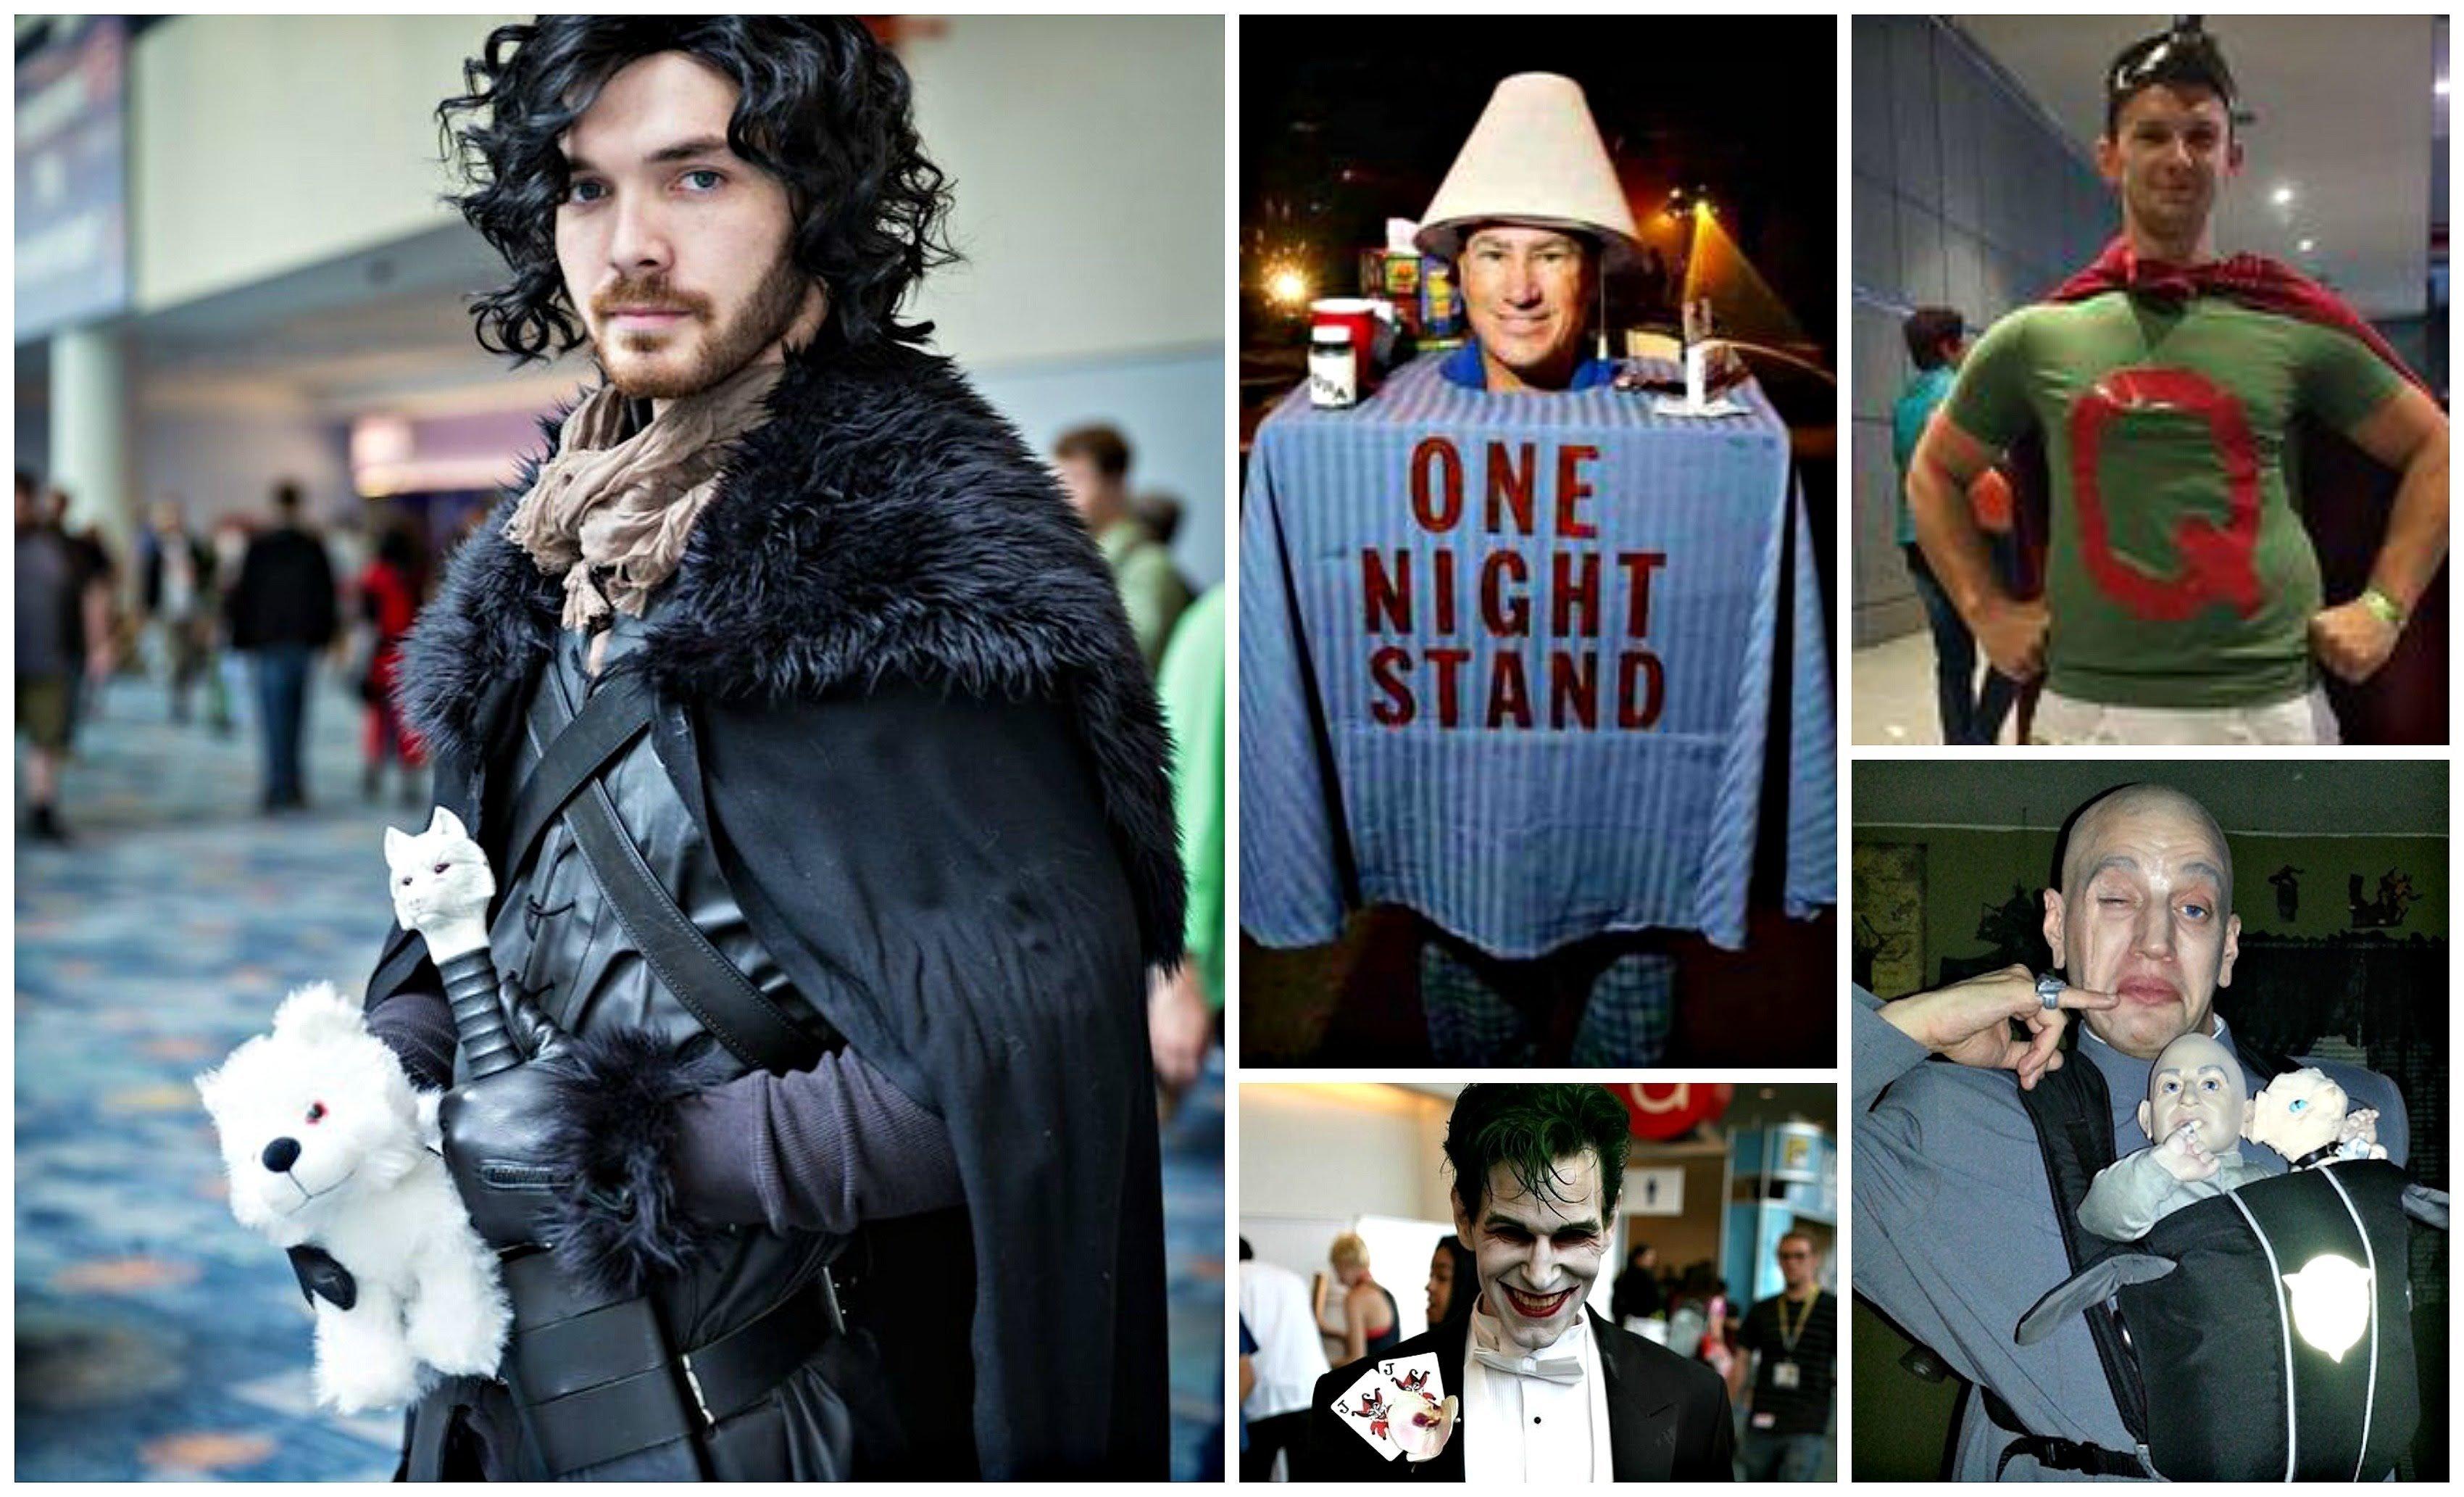 10 Pretty Best Male Halloween Costume Ideas creative funny halloween costume ideas for men youtube 8 2020